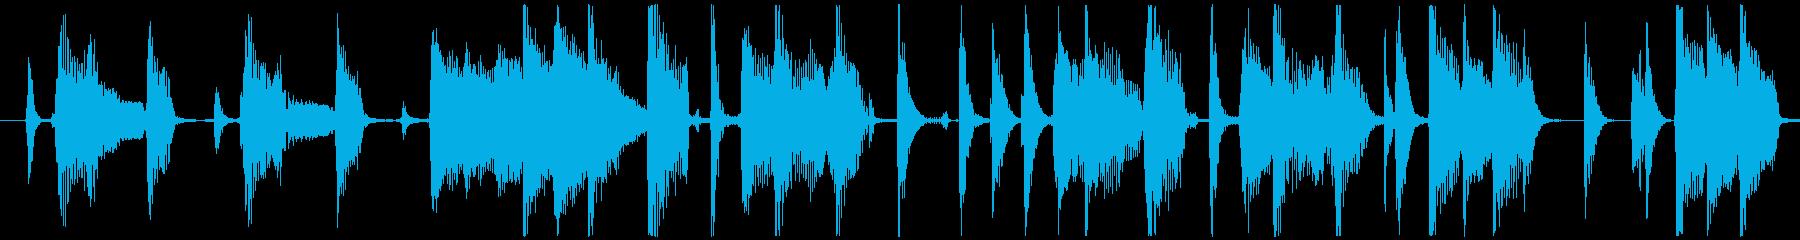 ロック調アコーステックギター 8ビートの再生済みの波形